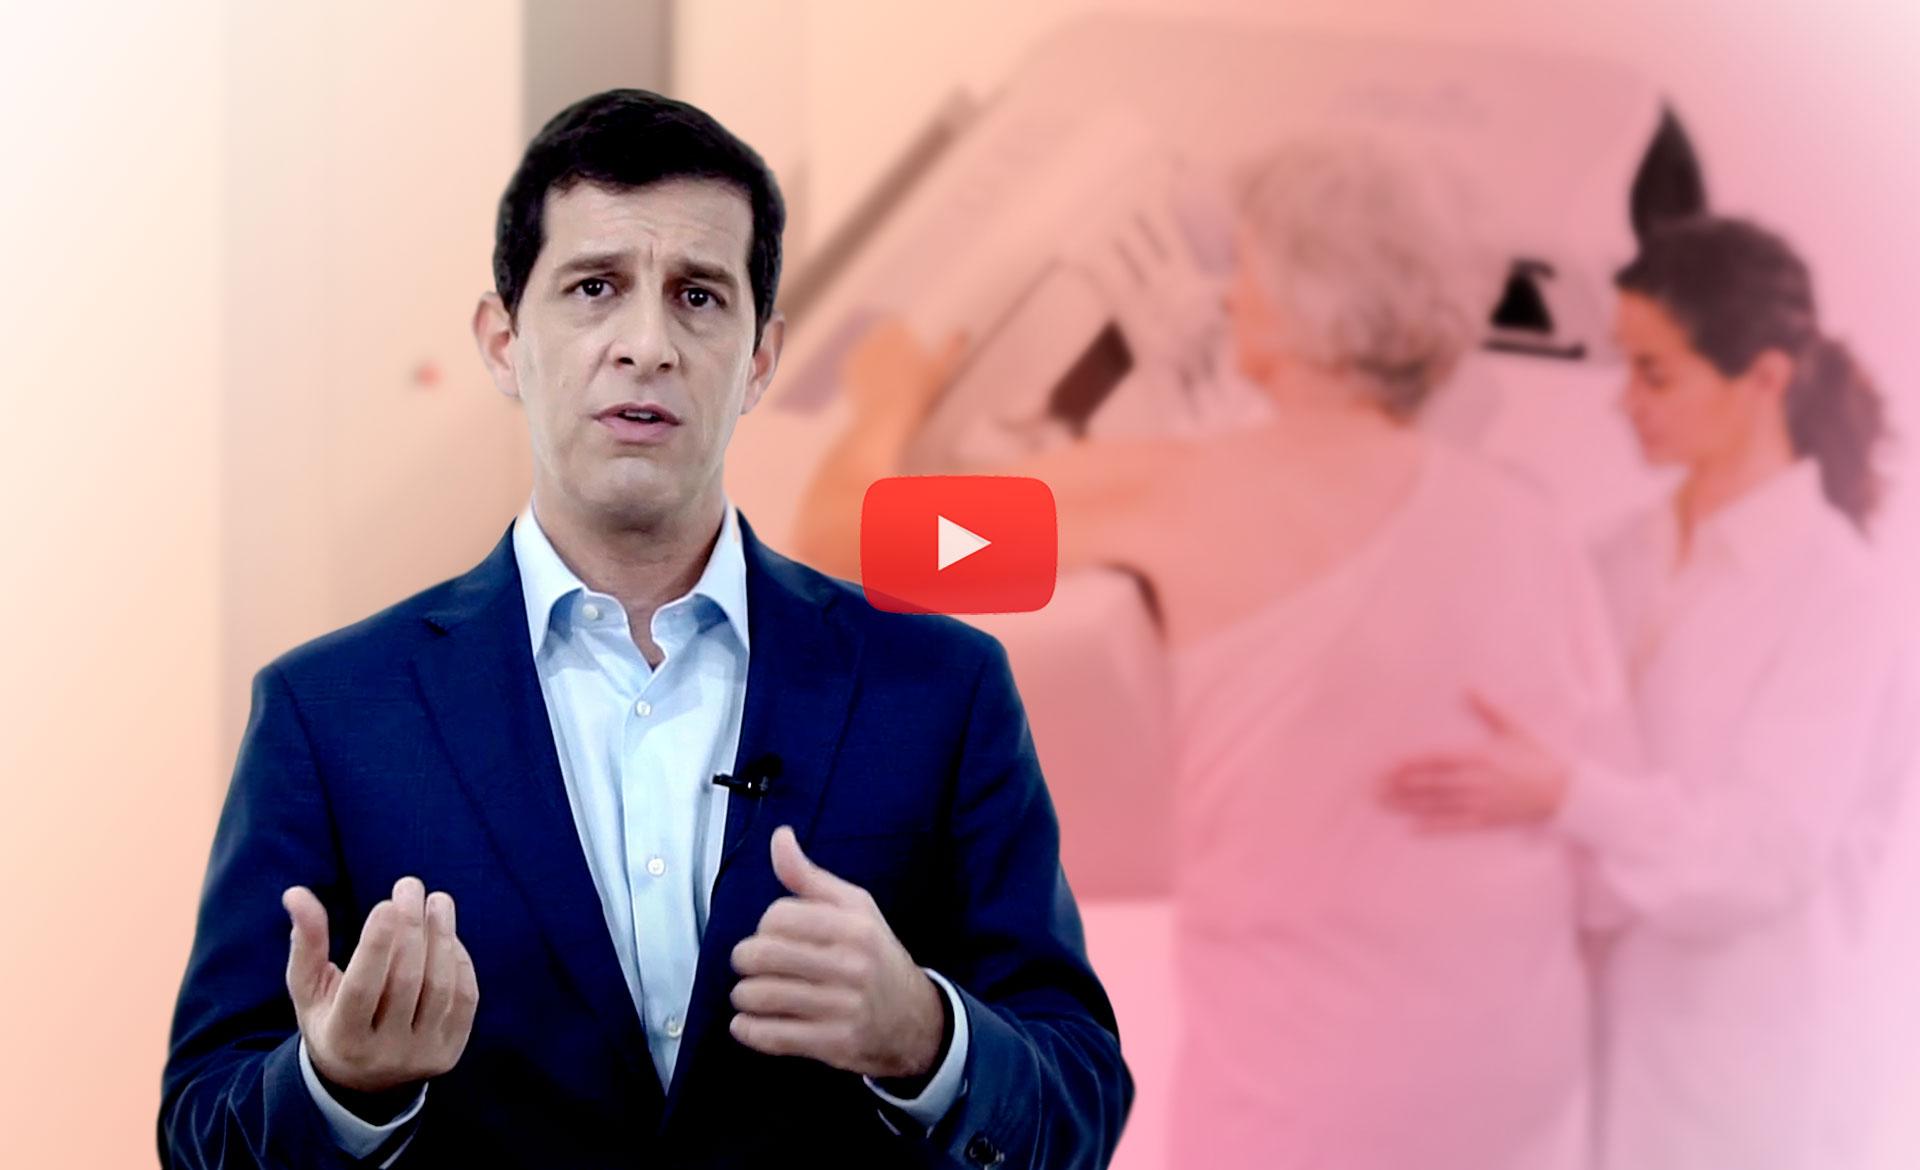 Tomossíntese e Mamografia  com contraste: o que você precisa saber.